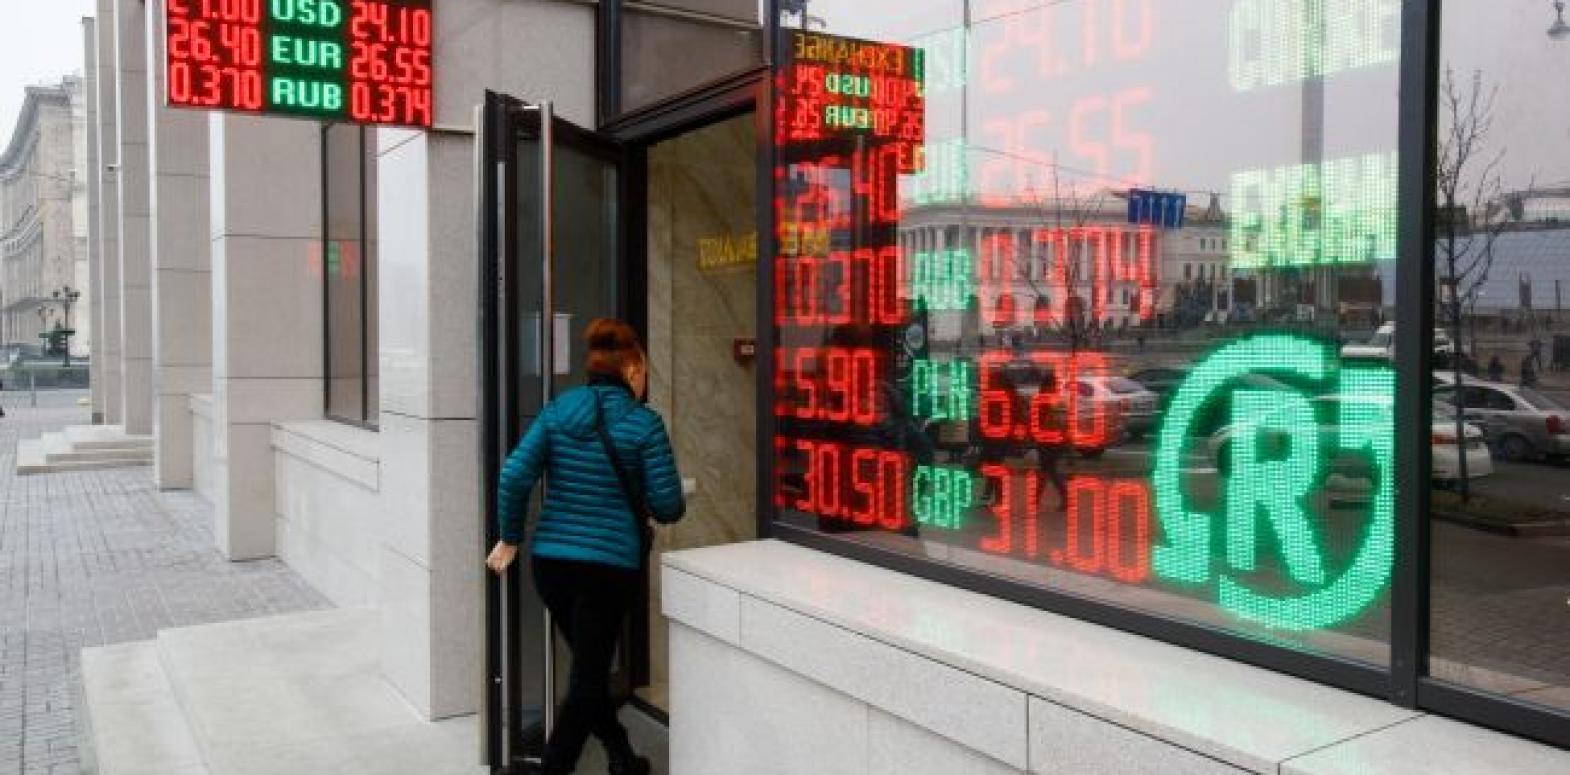 Курс гривны, цены и зарплаты: что ждет экономику Украины в 2020 году